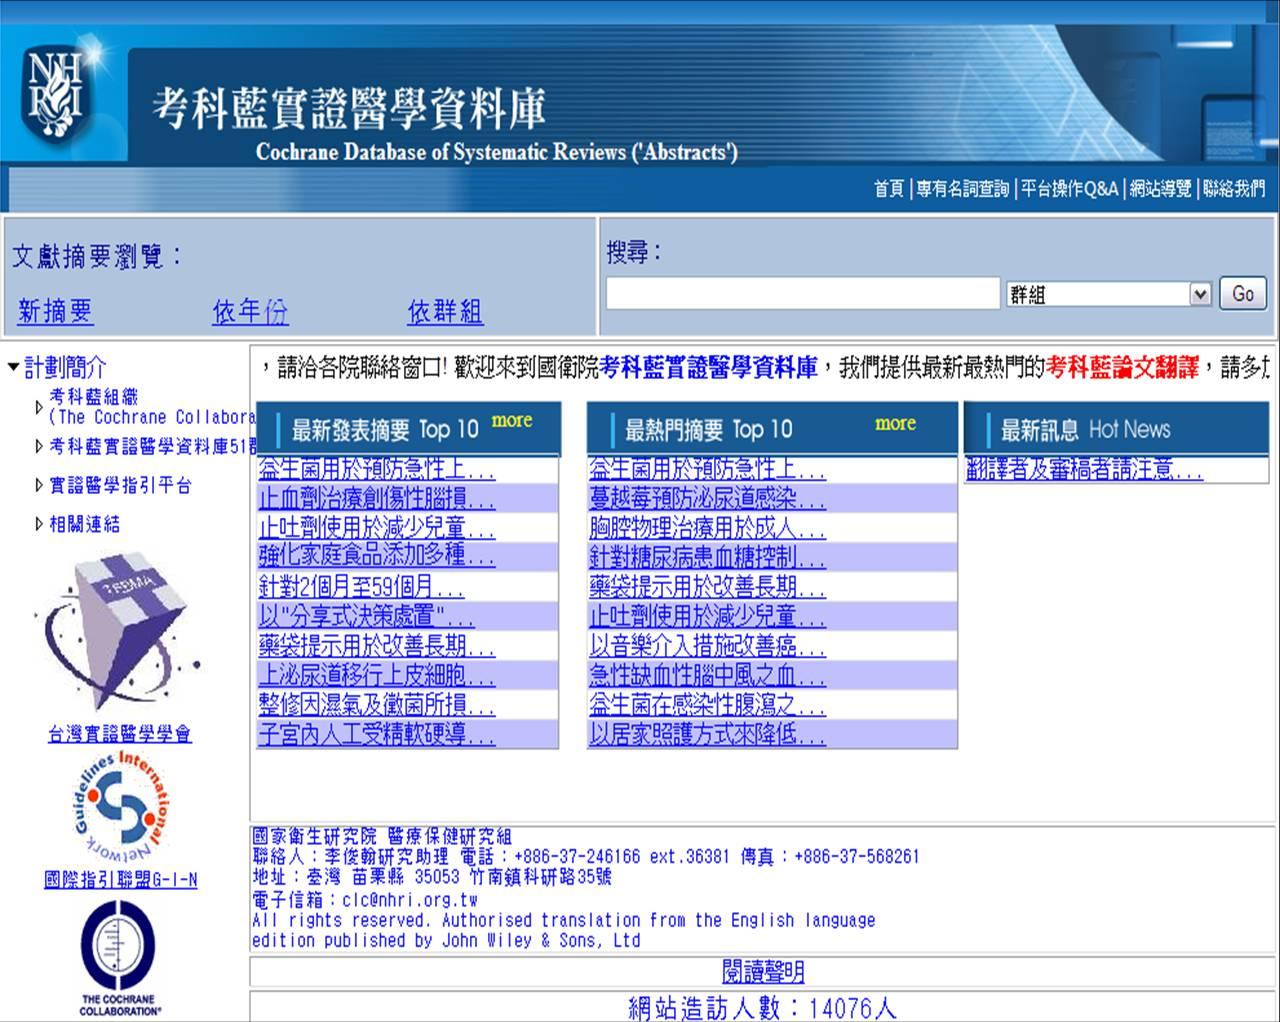 臺北榮總圖書館 News E點通: The Cochrane Library (實證醫學資料庫)平臺之中文版CDSR摘要內容已正式出版。